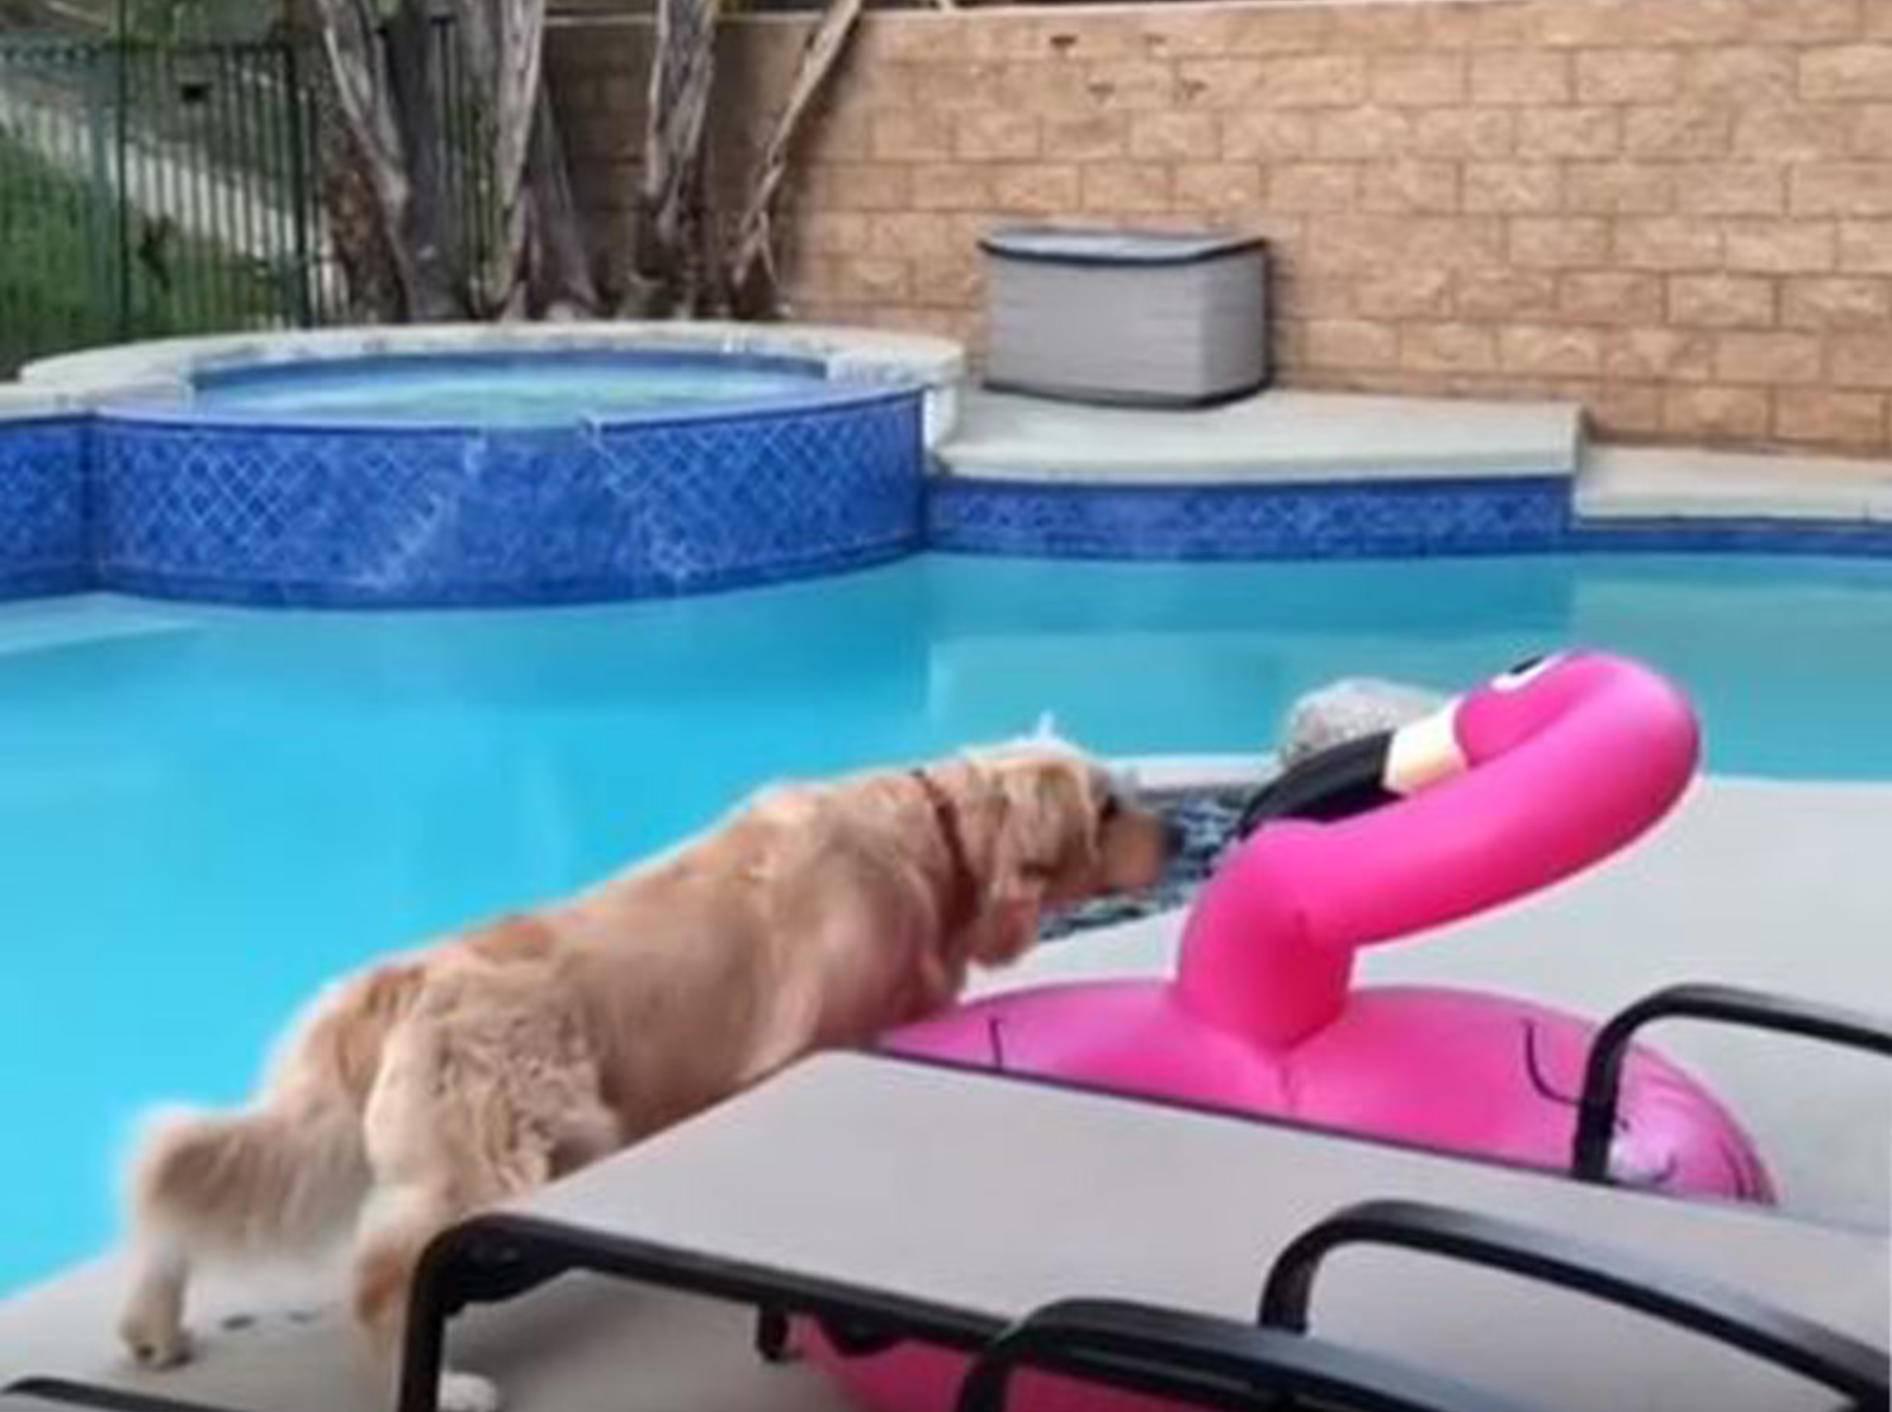 Golden Retriever pirscht sich an Plastik-Flamingo heran - Bild: YouTube / RM Videos